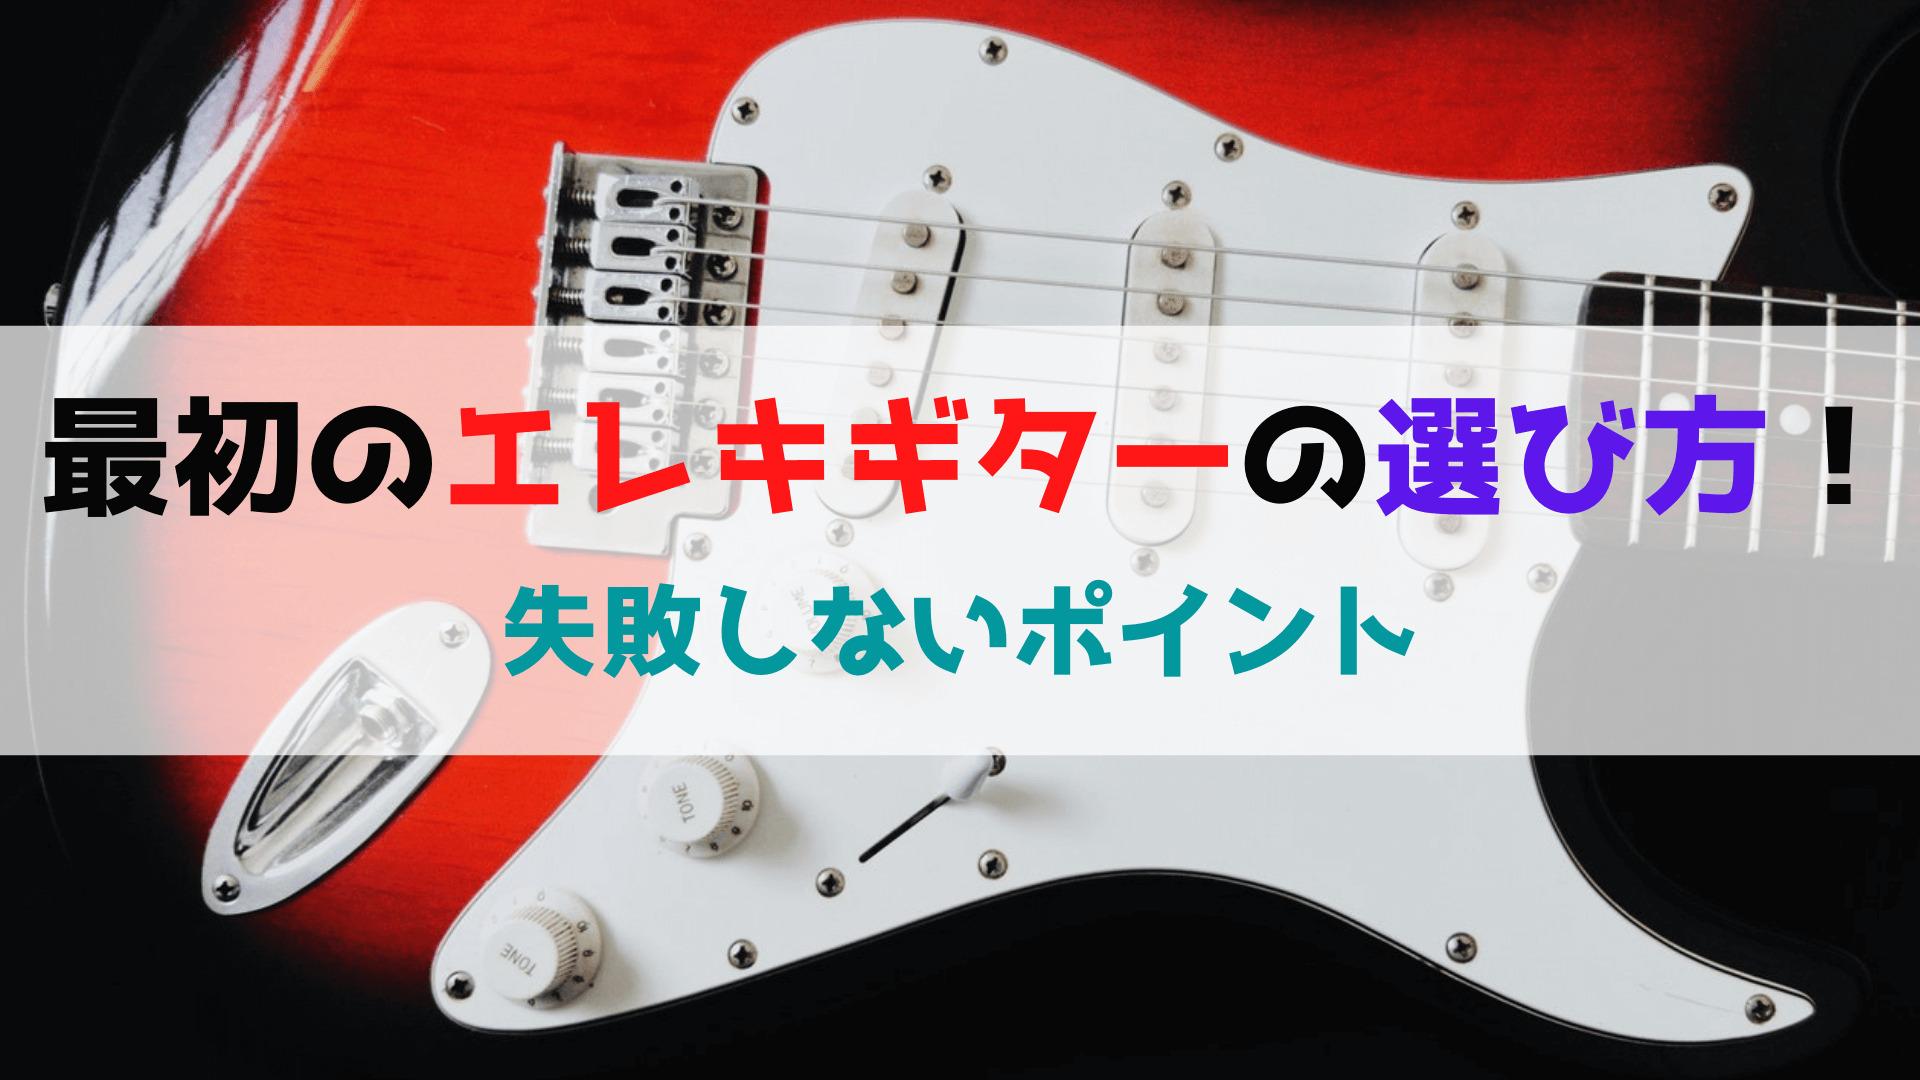 最初のエレキギターの選び方!失敗しないポイント